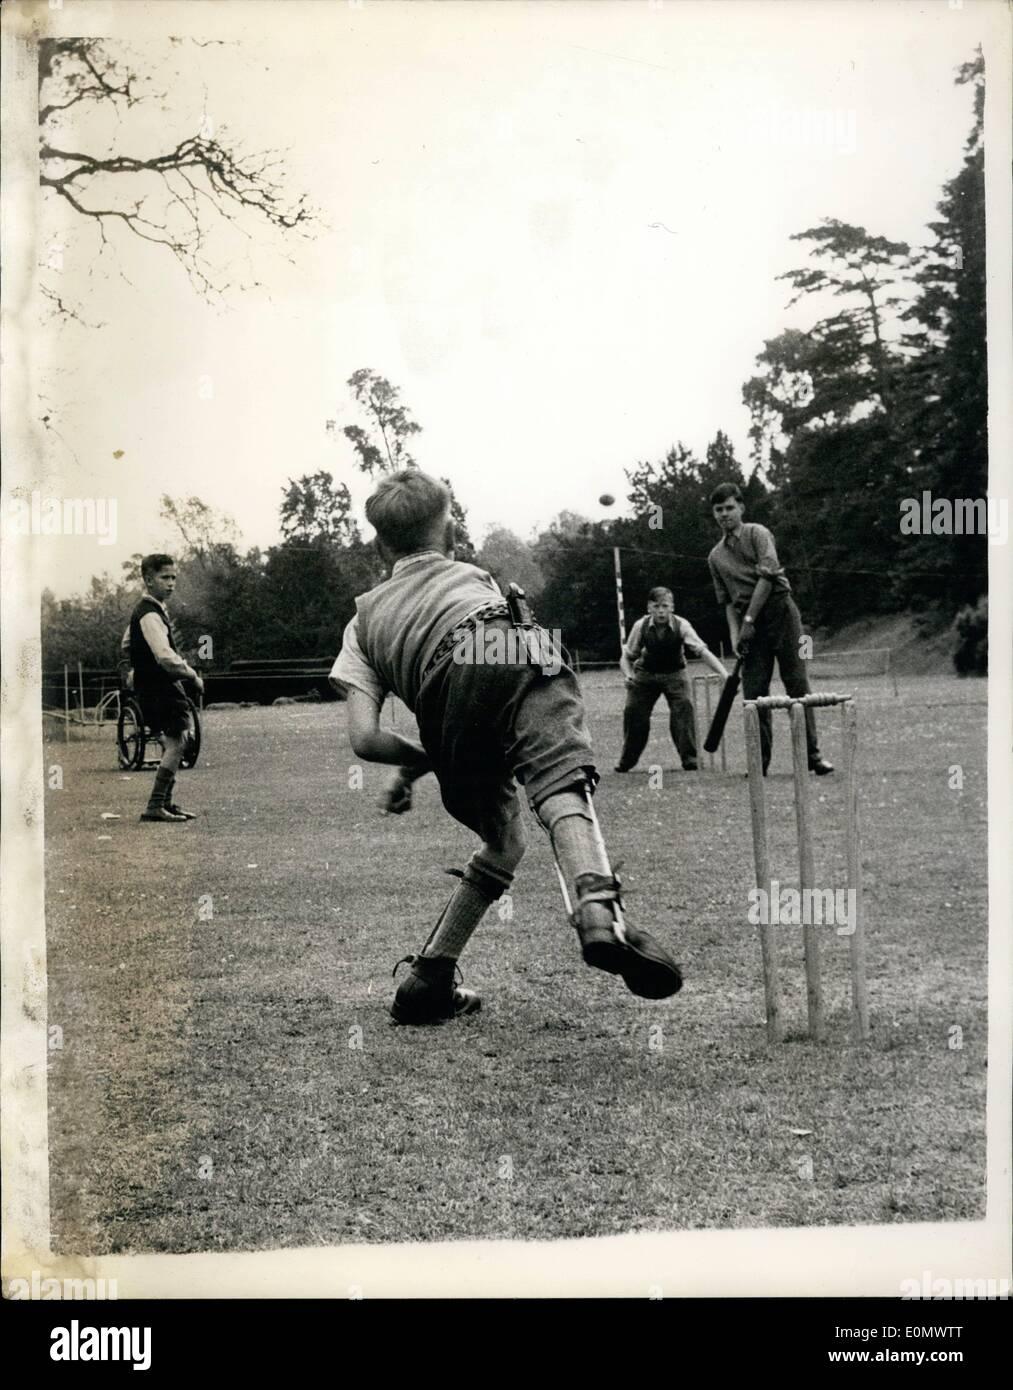 7. Juli 1956 - Cricket - Rollstühle und Krücken.: jeder schönen Nachmittag die Rasen von Hinwick Hall, Betten, ring mit jungenhaften Stimme Cricket spielen. Das Klicken des Leders auf Weide, der Schrei des '' wie ist das '' sind typisch für die Schreie hörte auf Hunderten von Schule-Spielplätze und Freizeitanlagen. Aber näher sieht zeigt einen Unterschied Stockbild